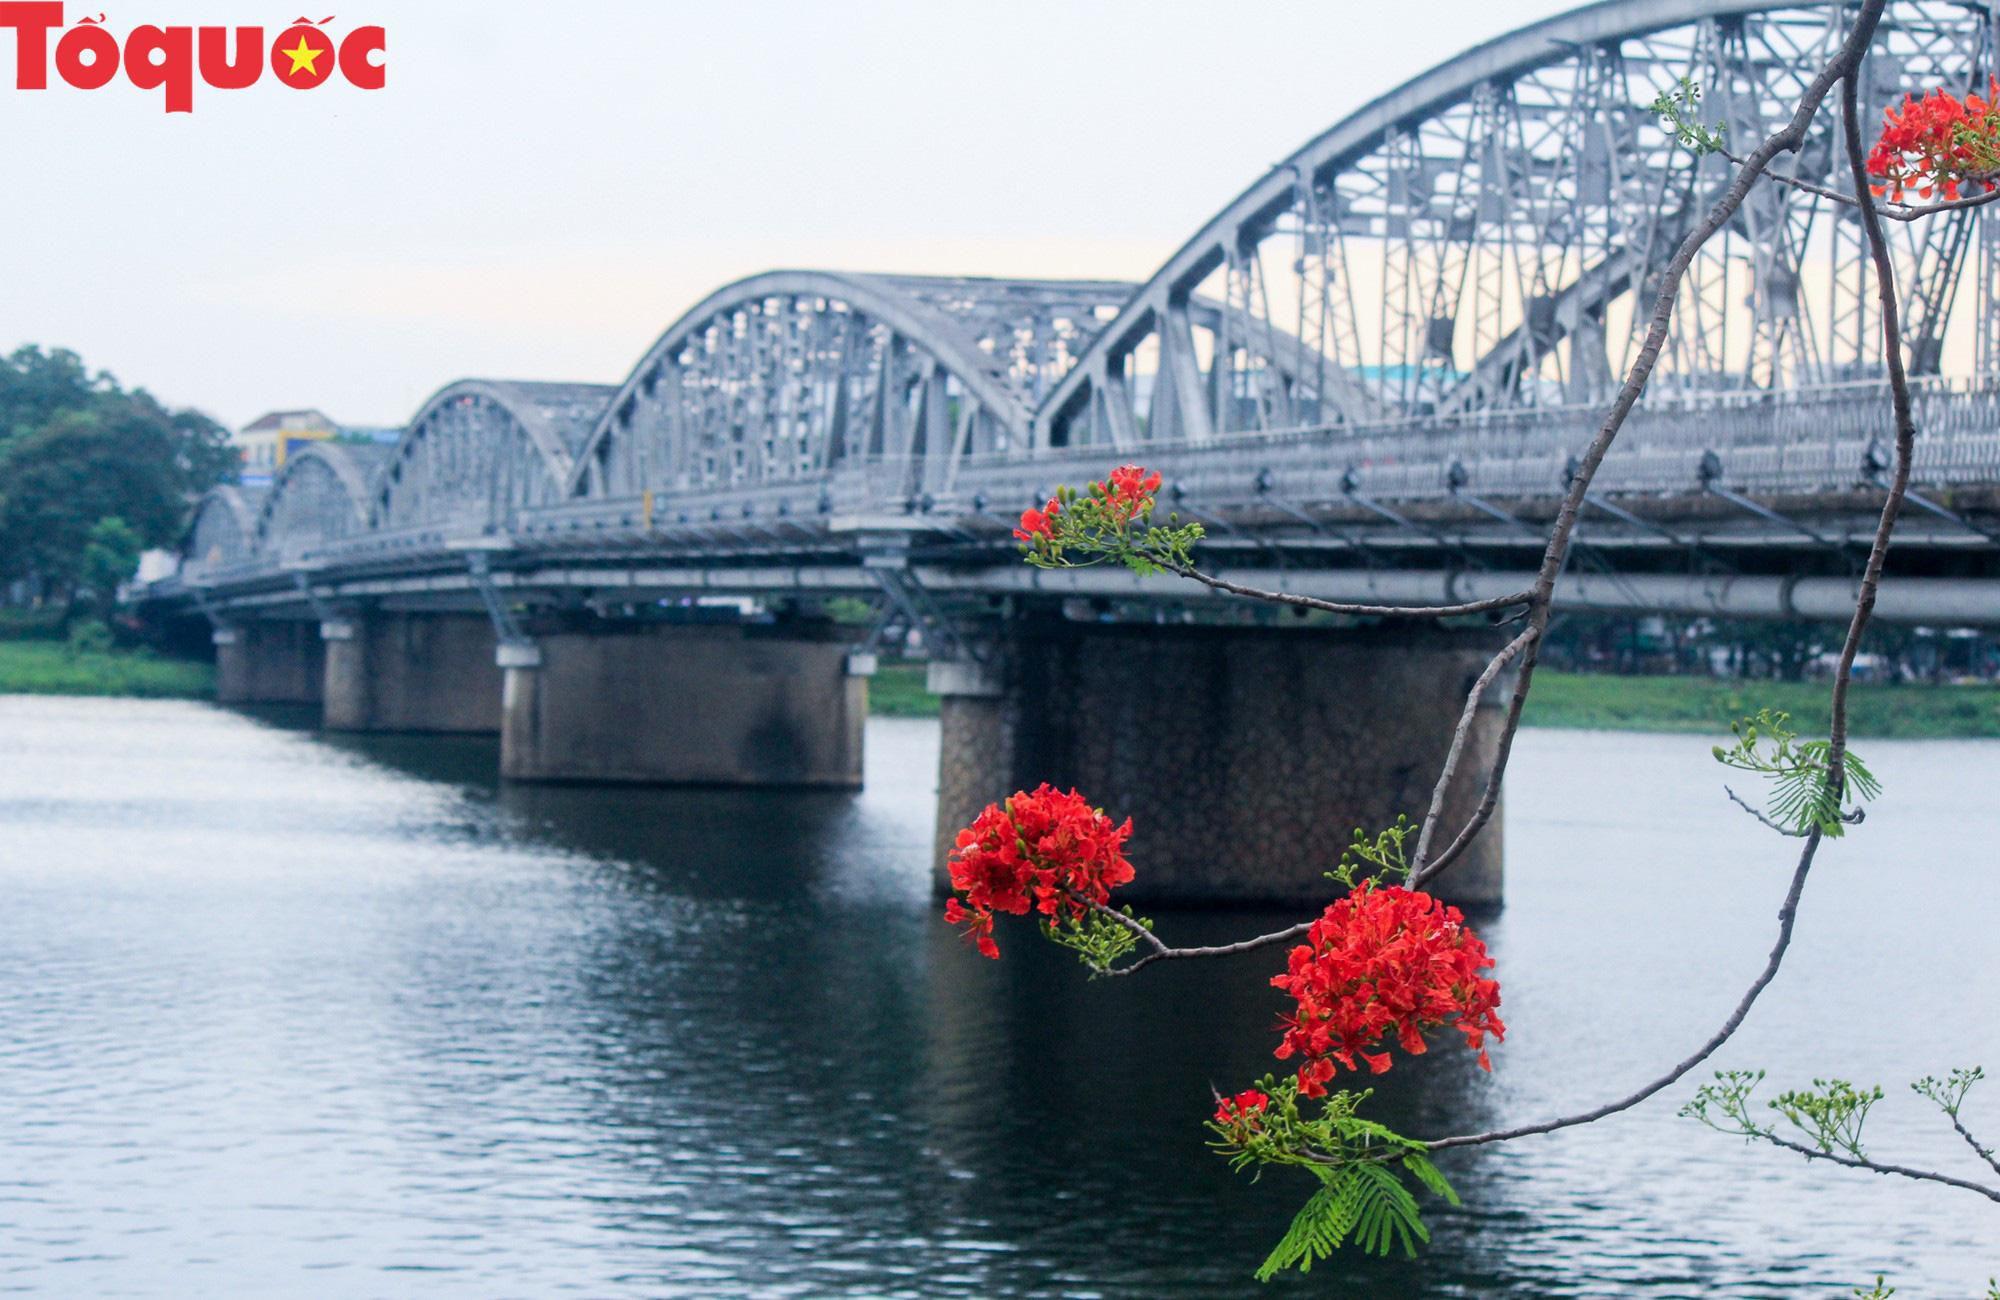 Đất trời xứ Huế đẹp rực rỡ trong mùa phượng vĩ nở hoa Ảnh 18